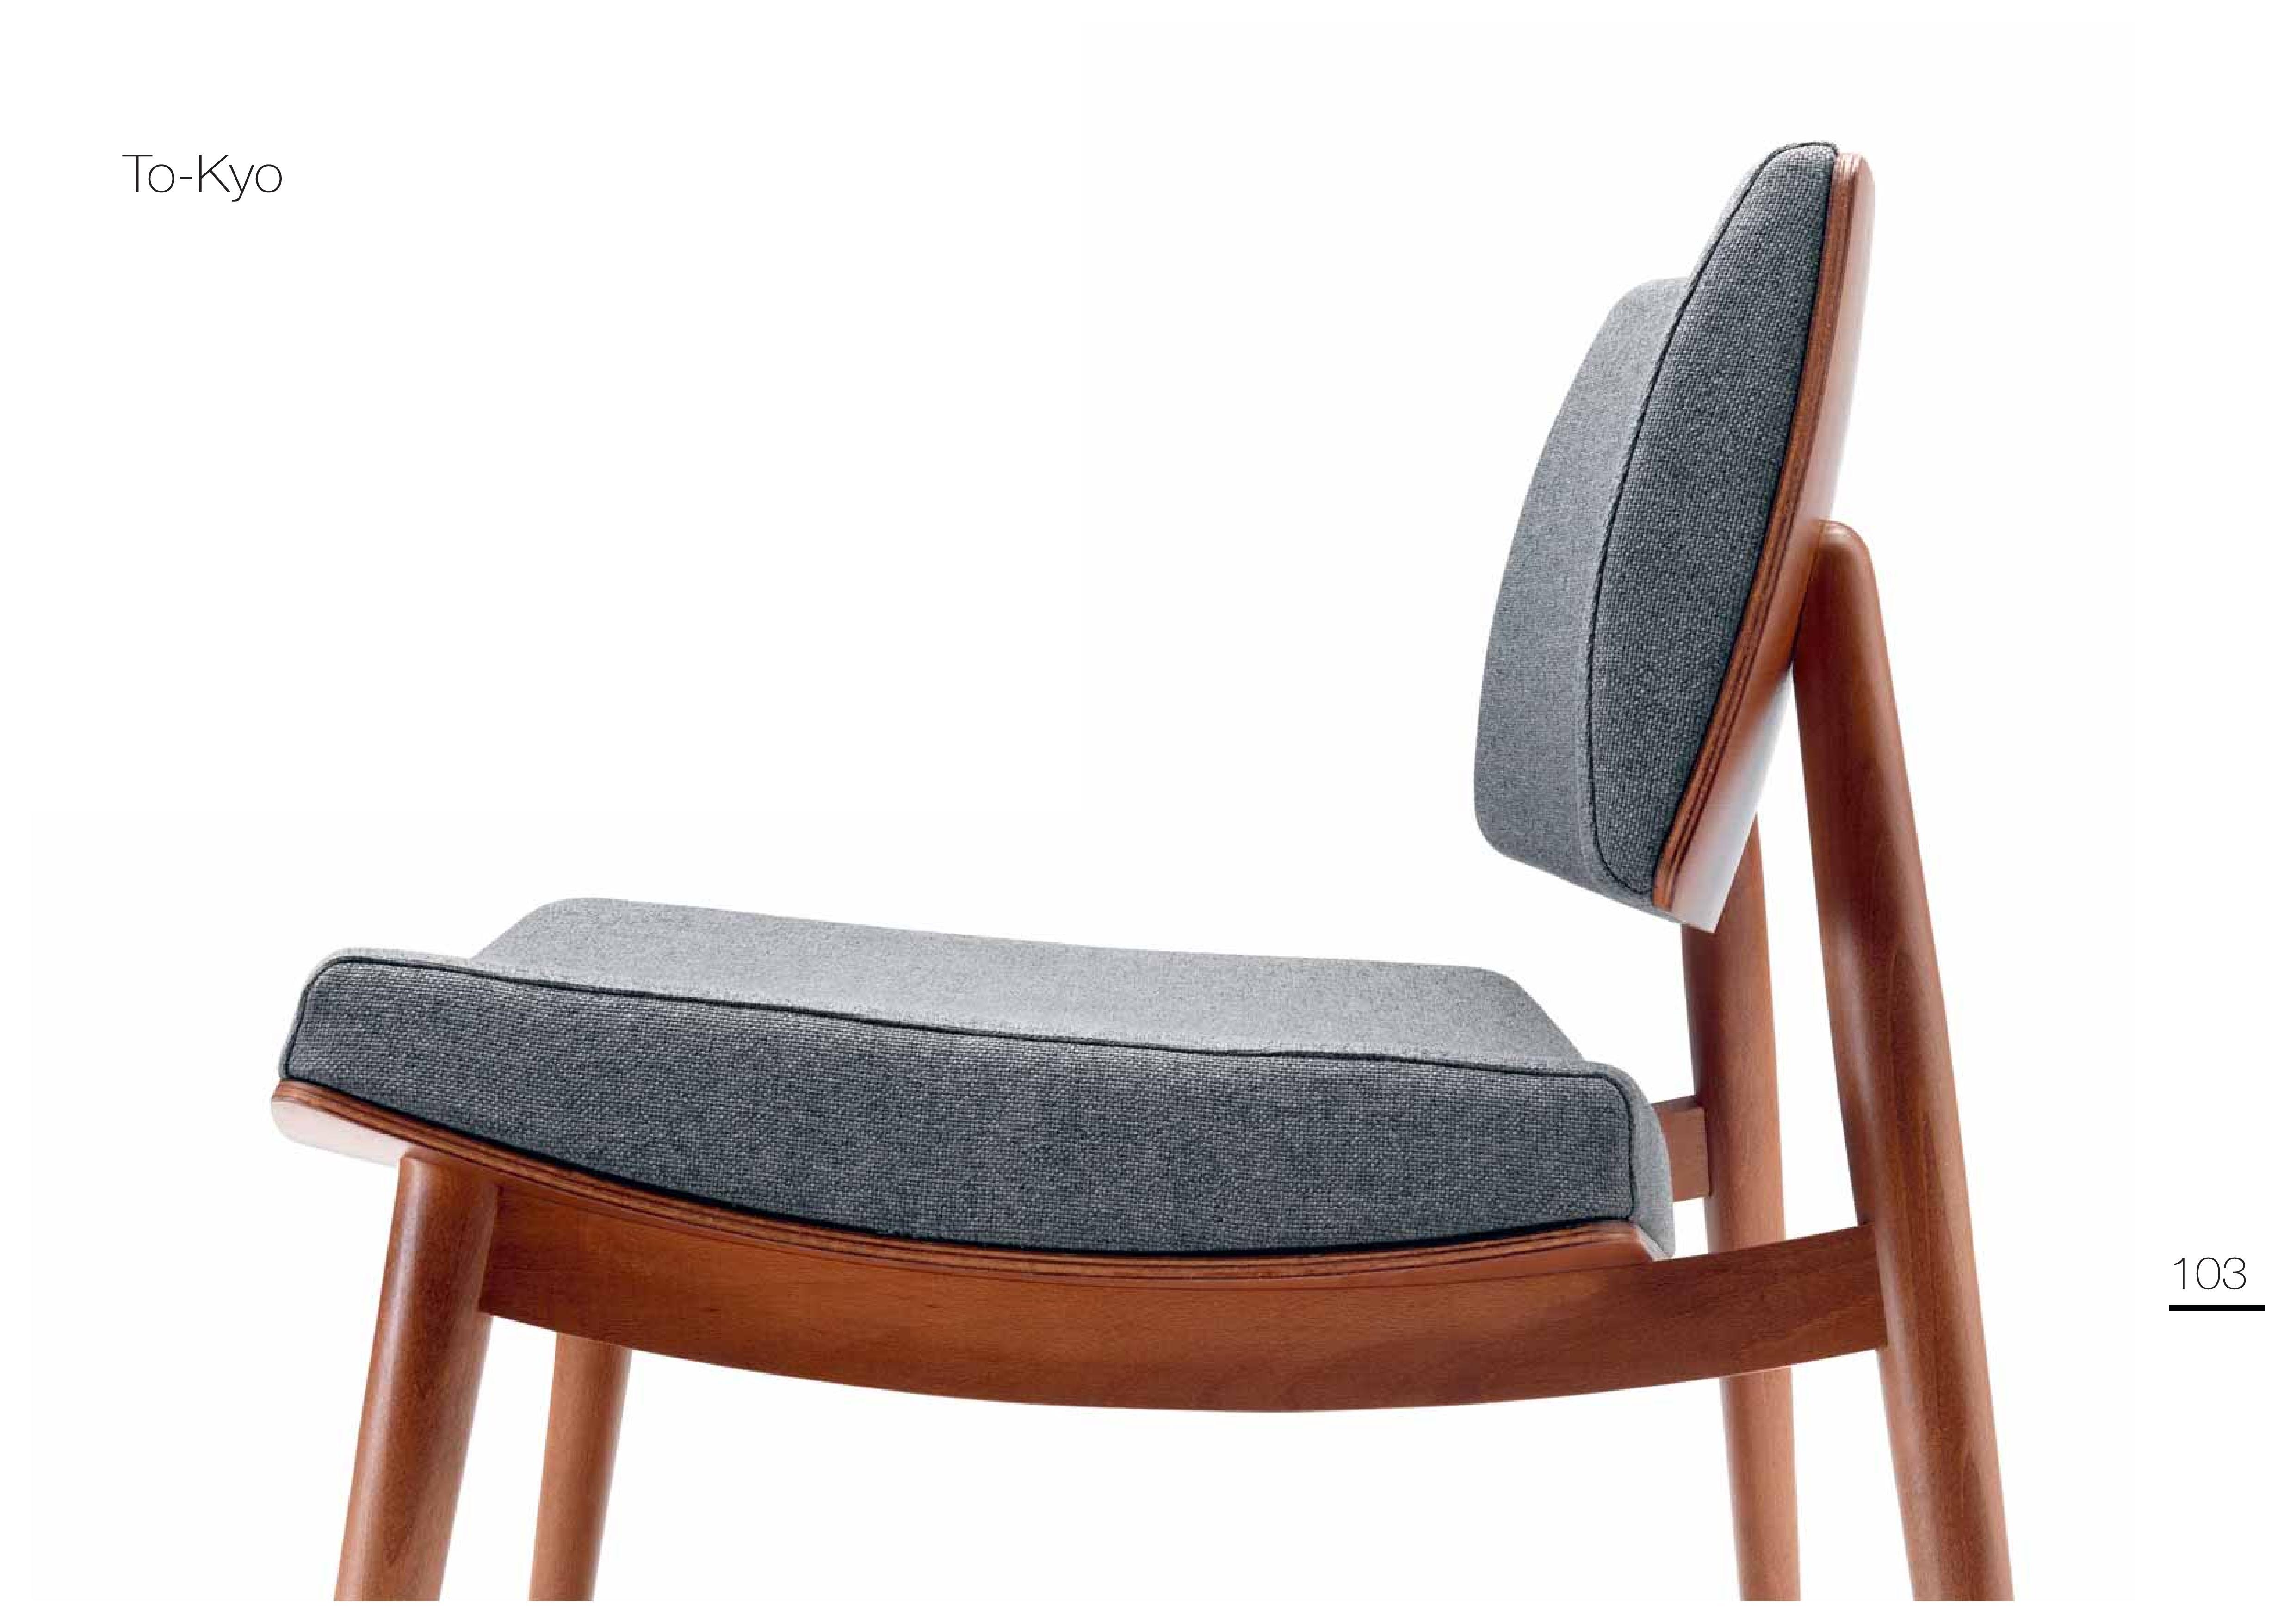 krzesło to kyo metalmobil